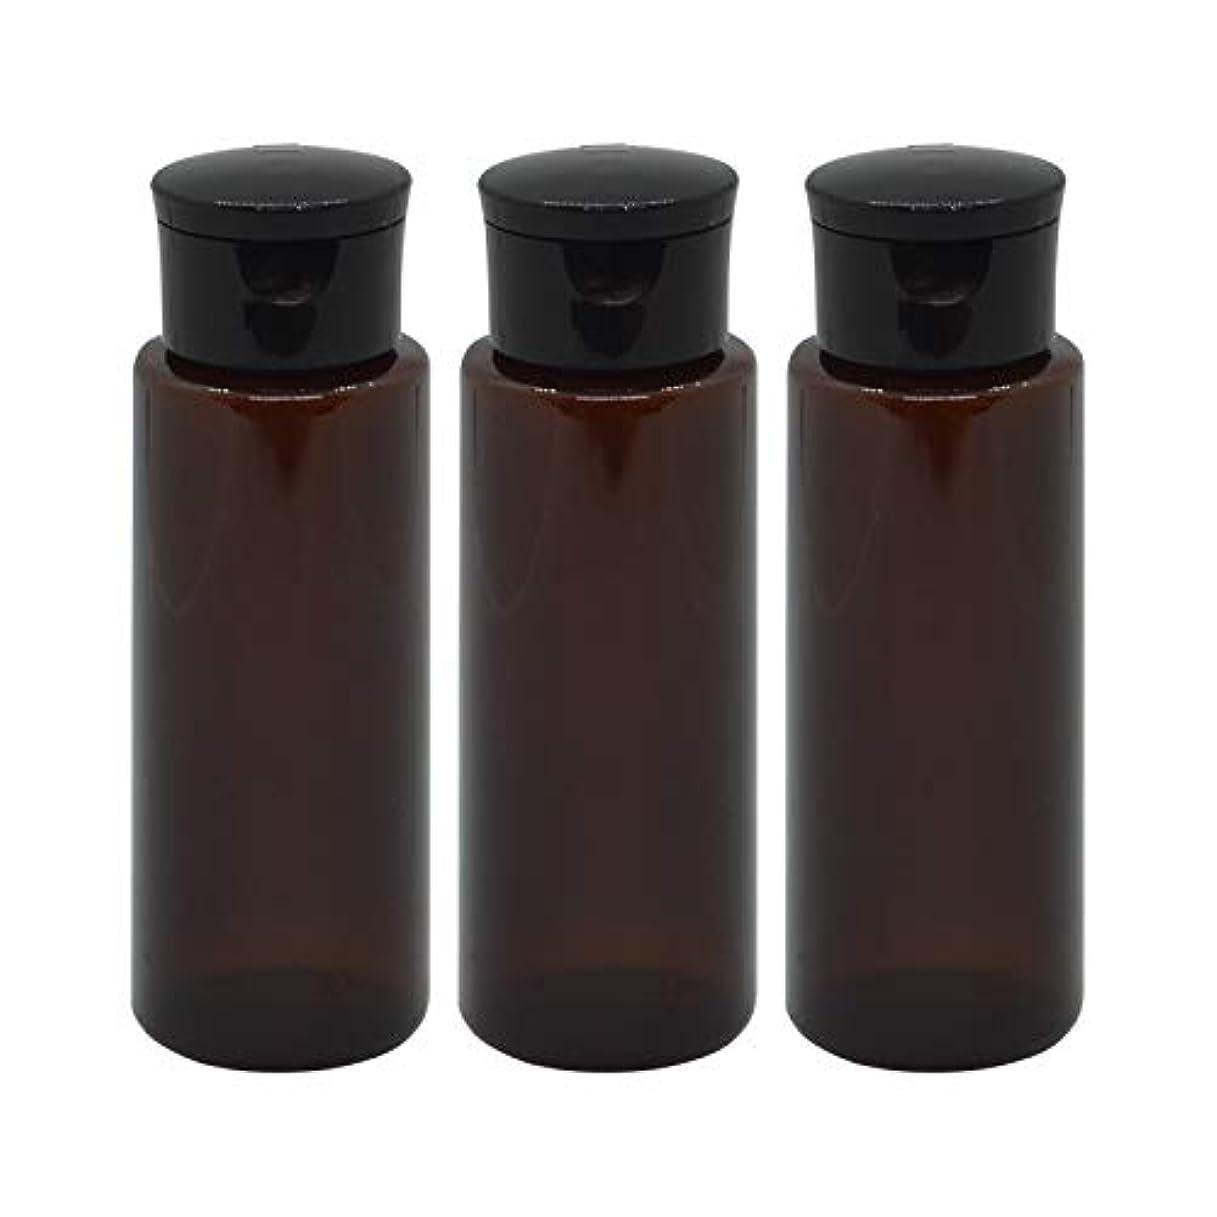 鎮静剤心から自殺日本製 化粧品詰め替えボトル 茶色 100ml 3本セット ワンタッチキャップペットボトル クリアブラウン